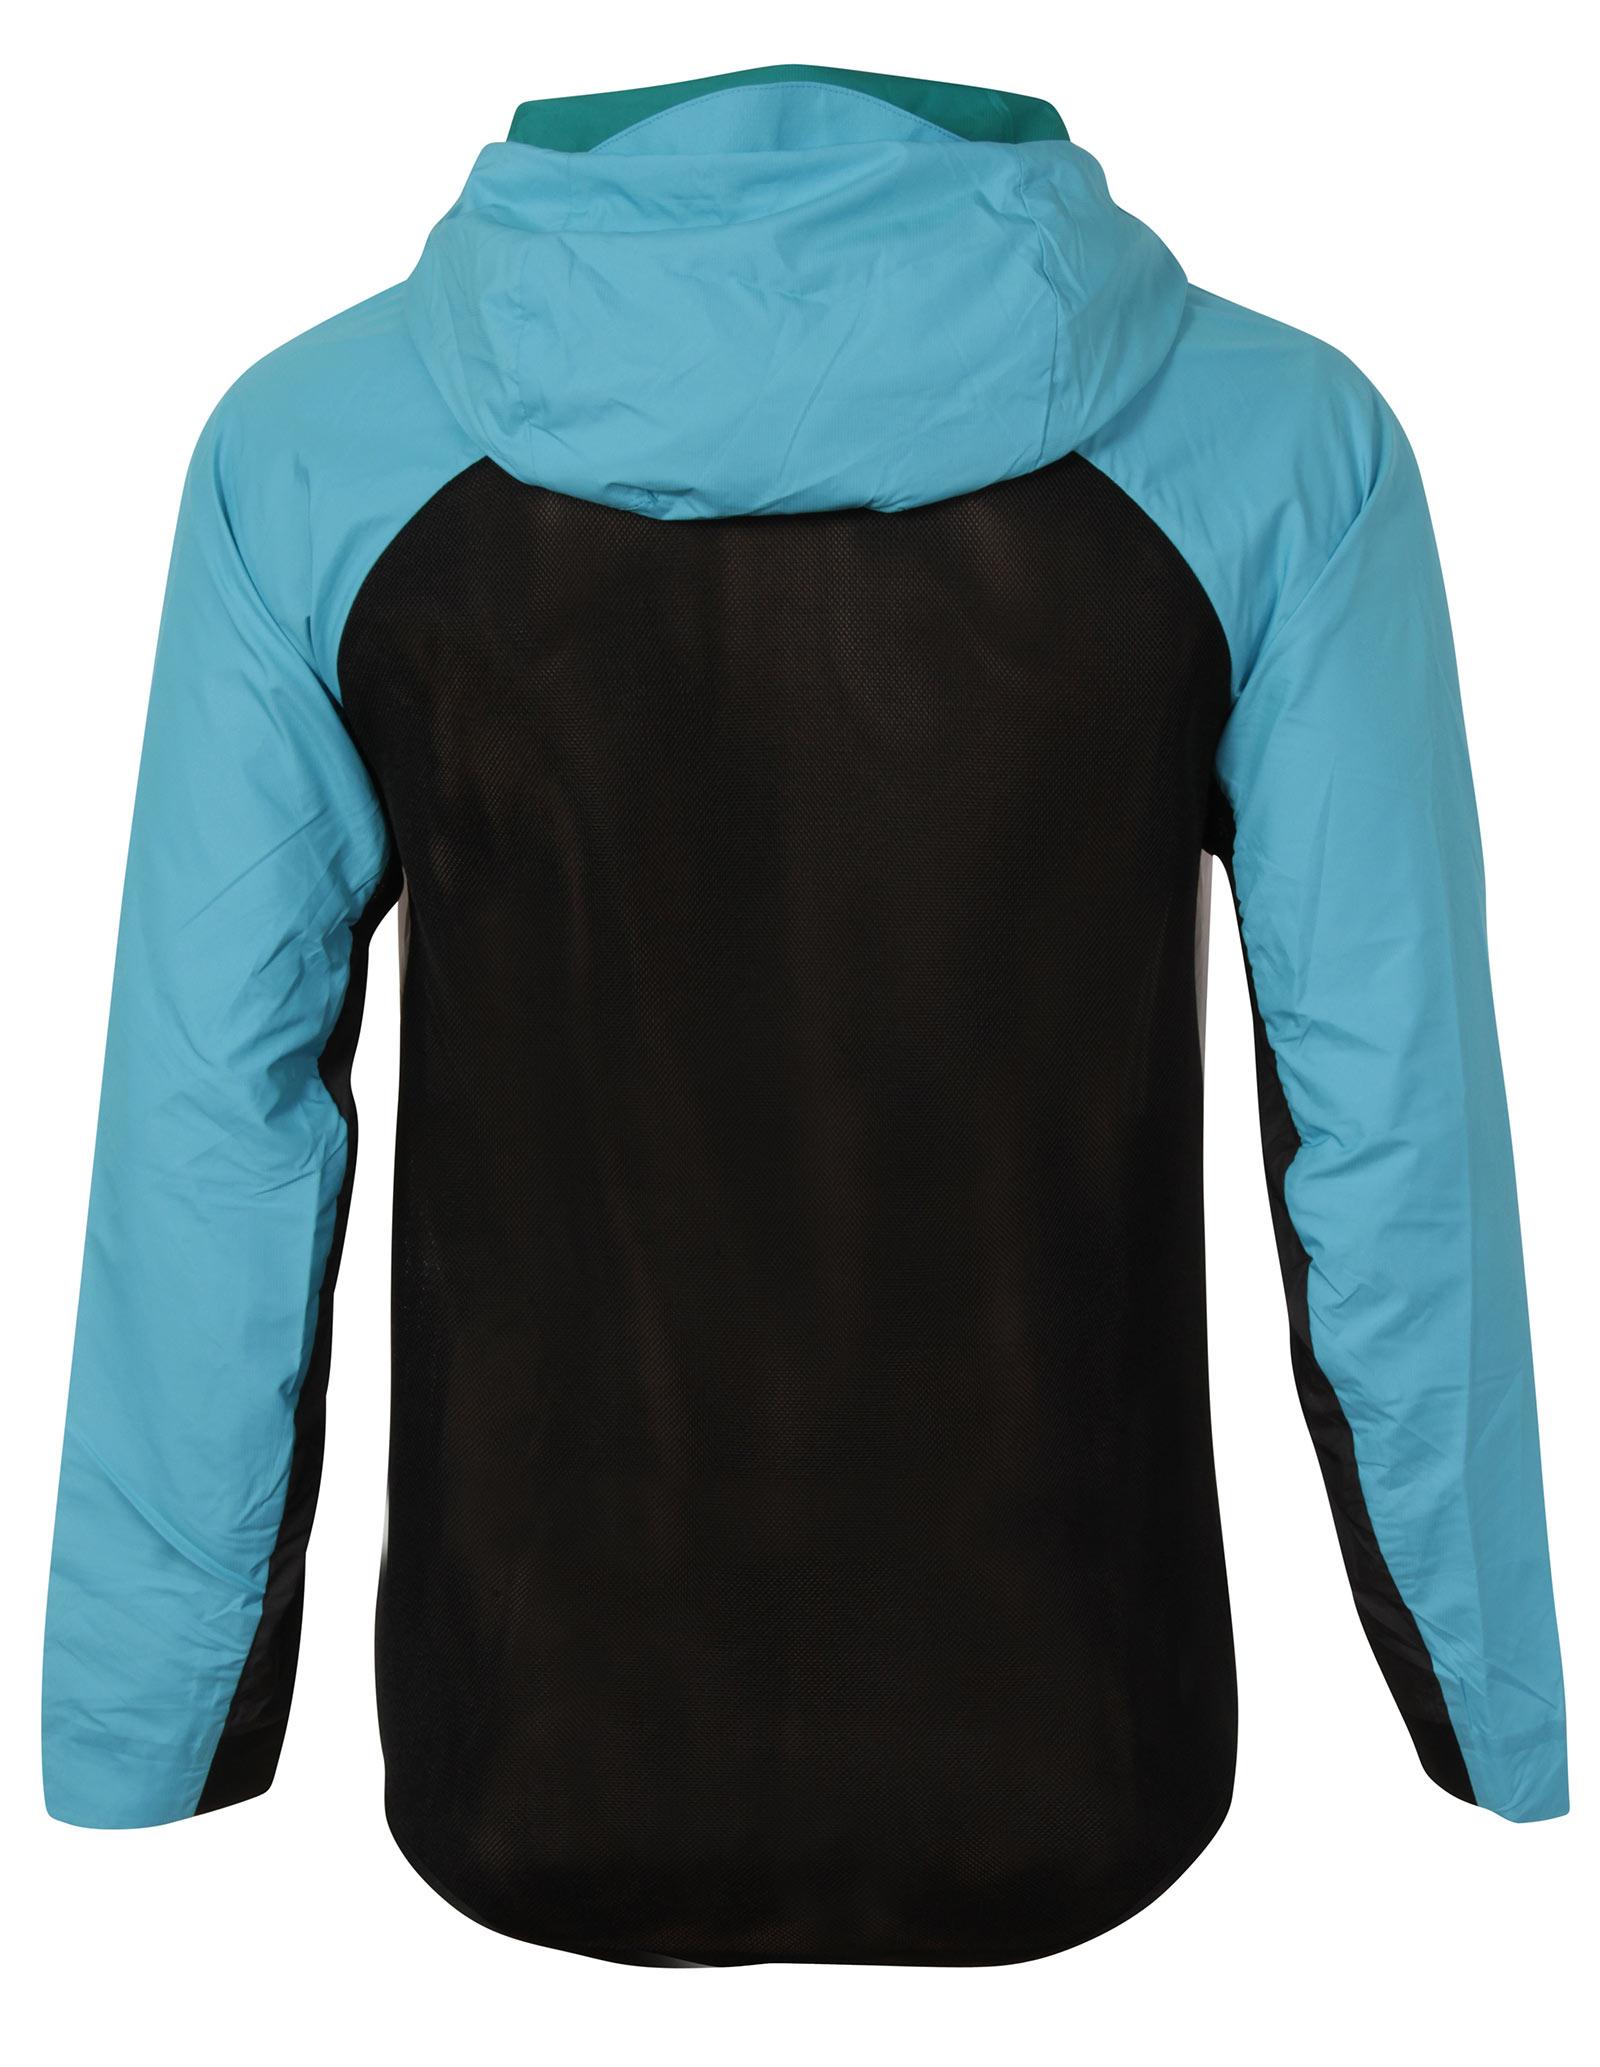 New Nike Tech Hypermesh Windrunner Mens White Blue Hooded Jacket Size L 2 2  sur 6 ... 45a31460f